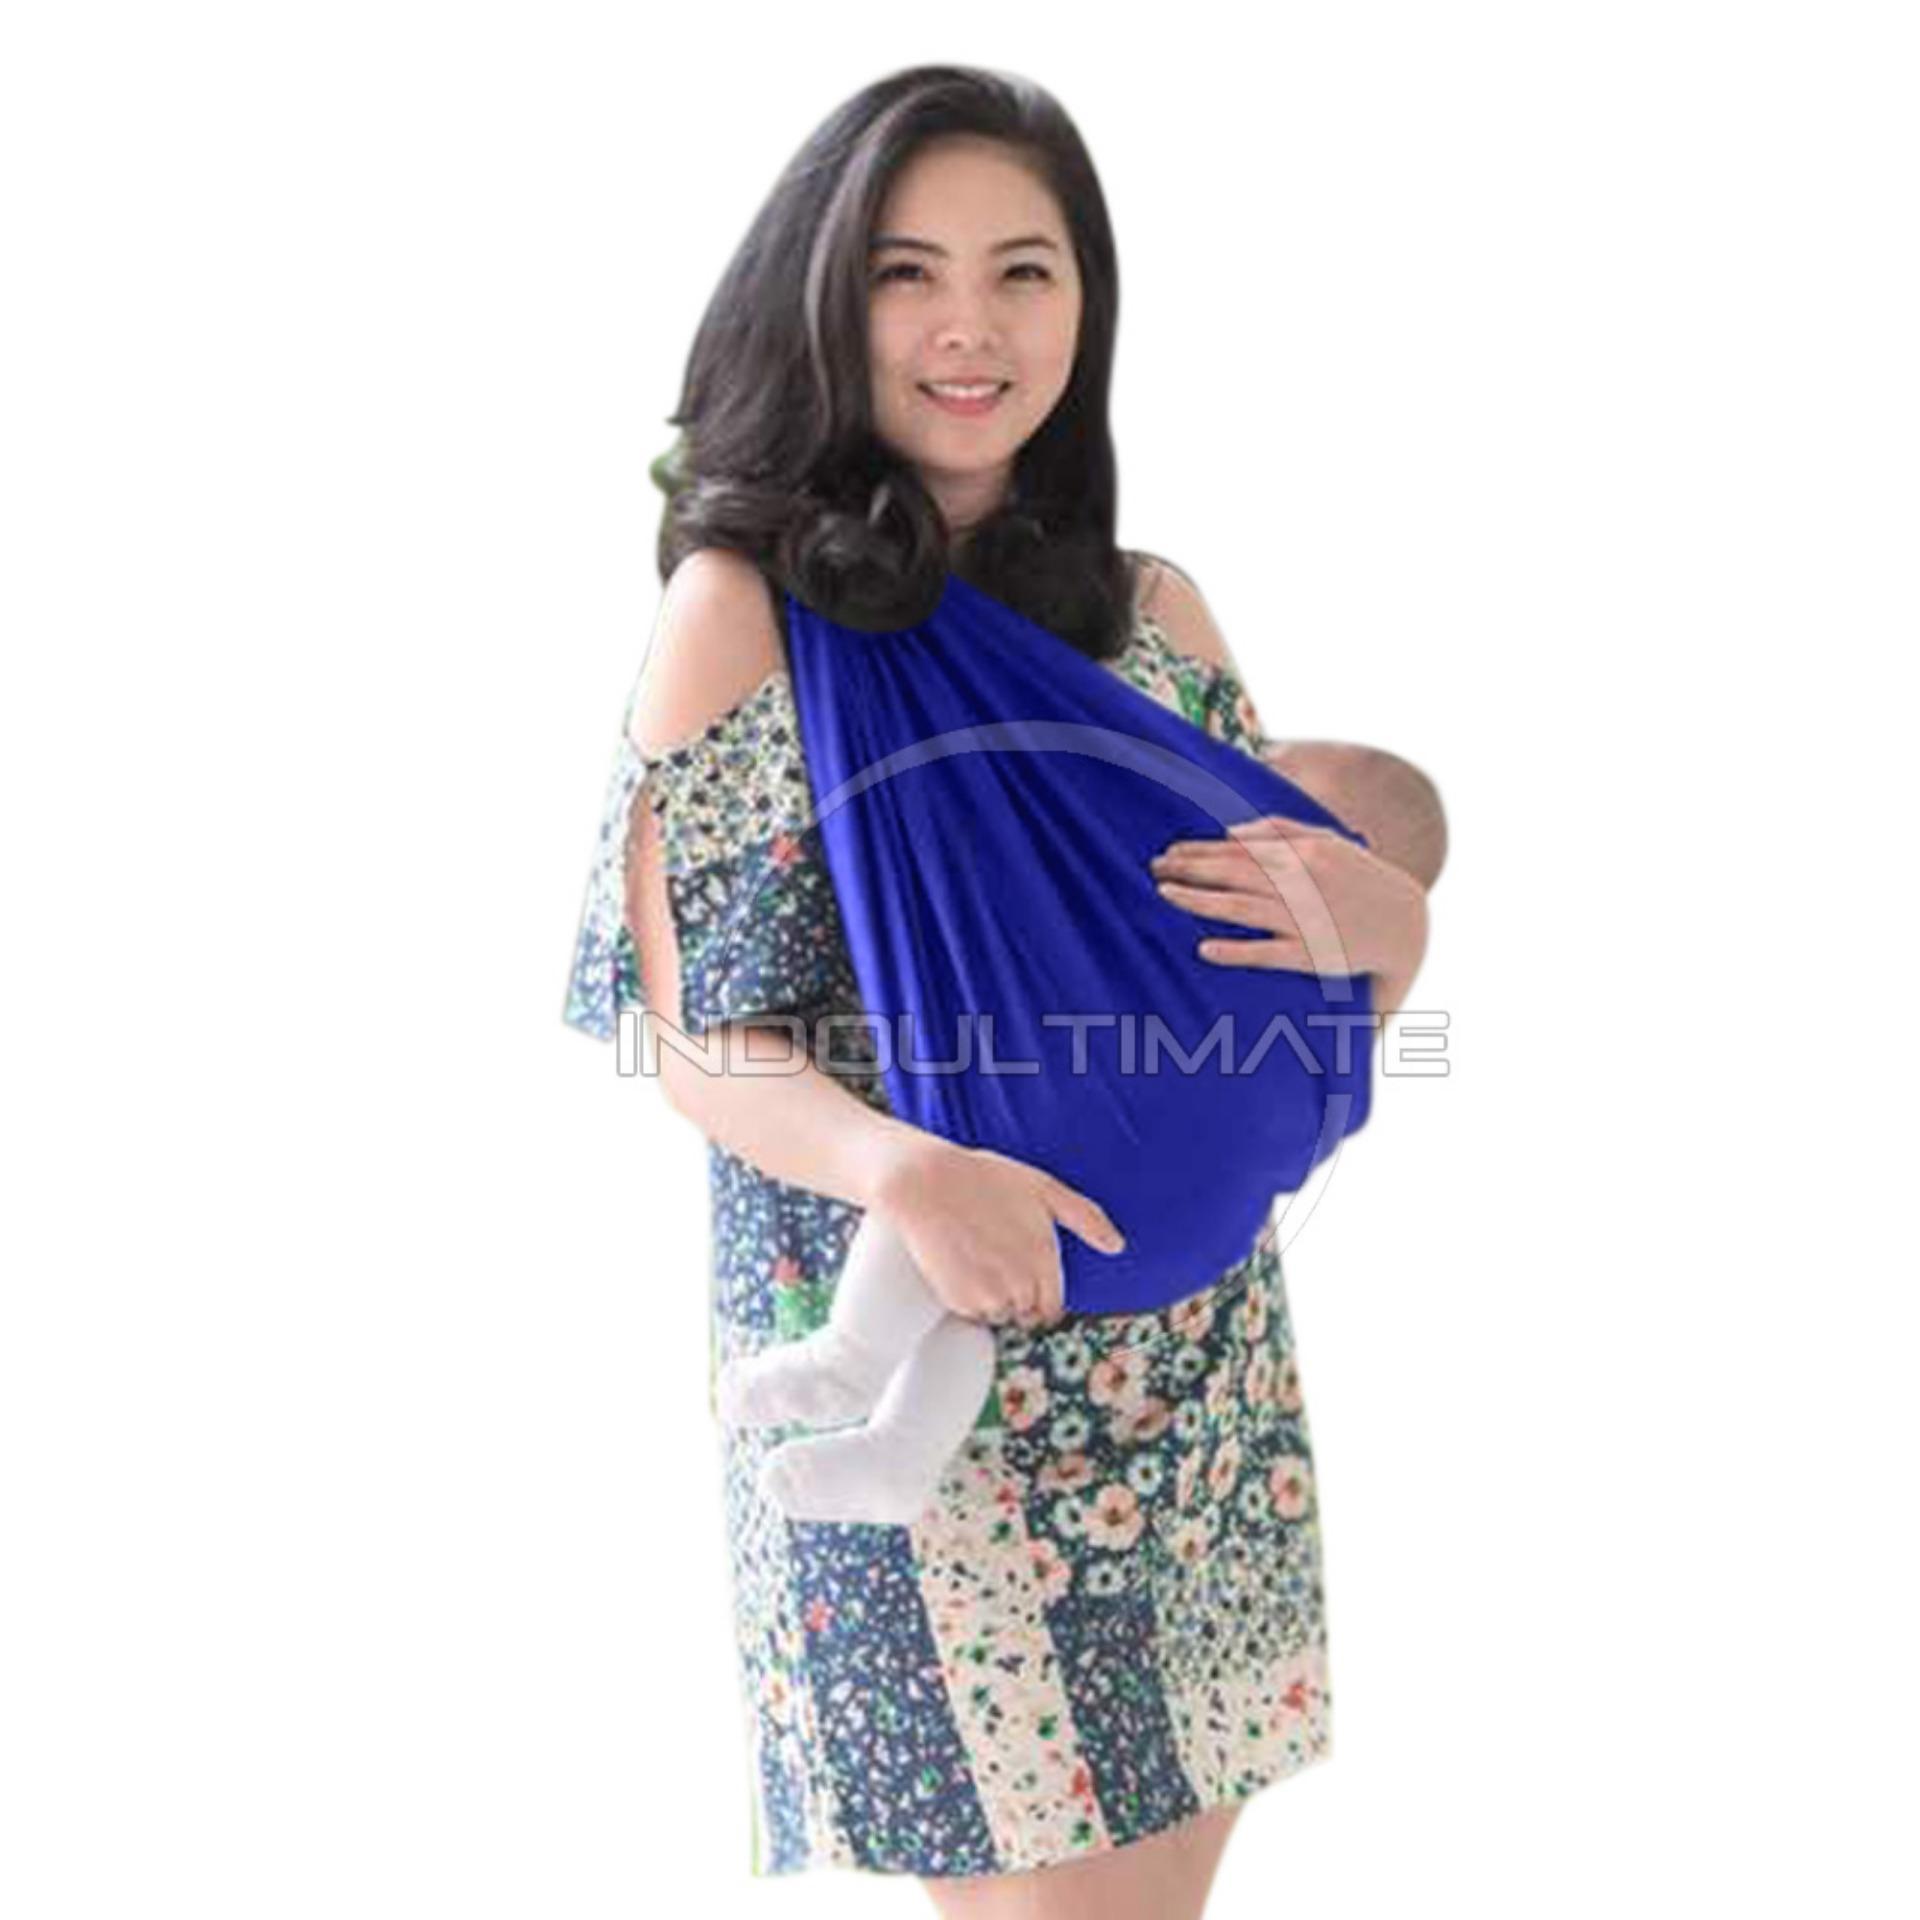 Dita Baby Collection Gendongan Geos Banyak Posisi Bians Kaos Bayi Motif 09 Bandingkan Toko Leon Selendang Praktis By 44 Gb